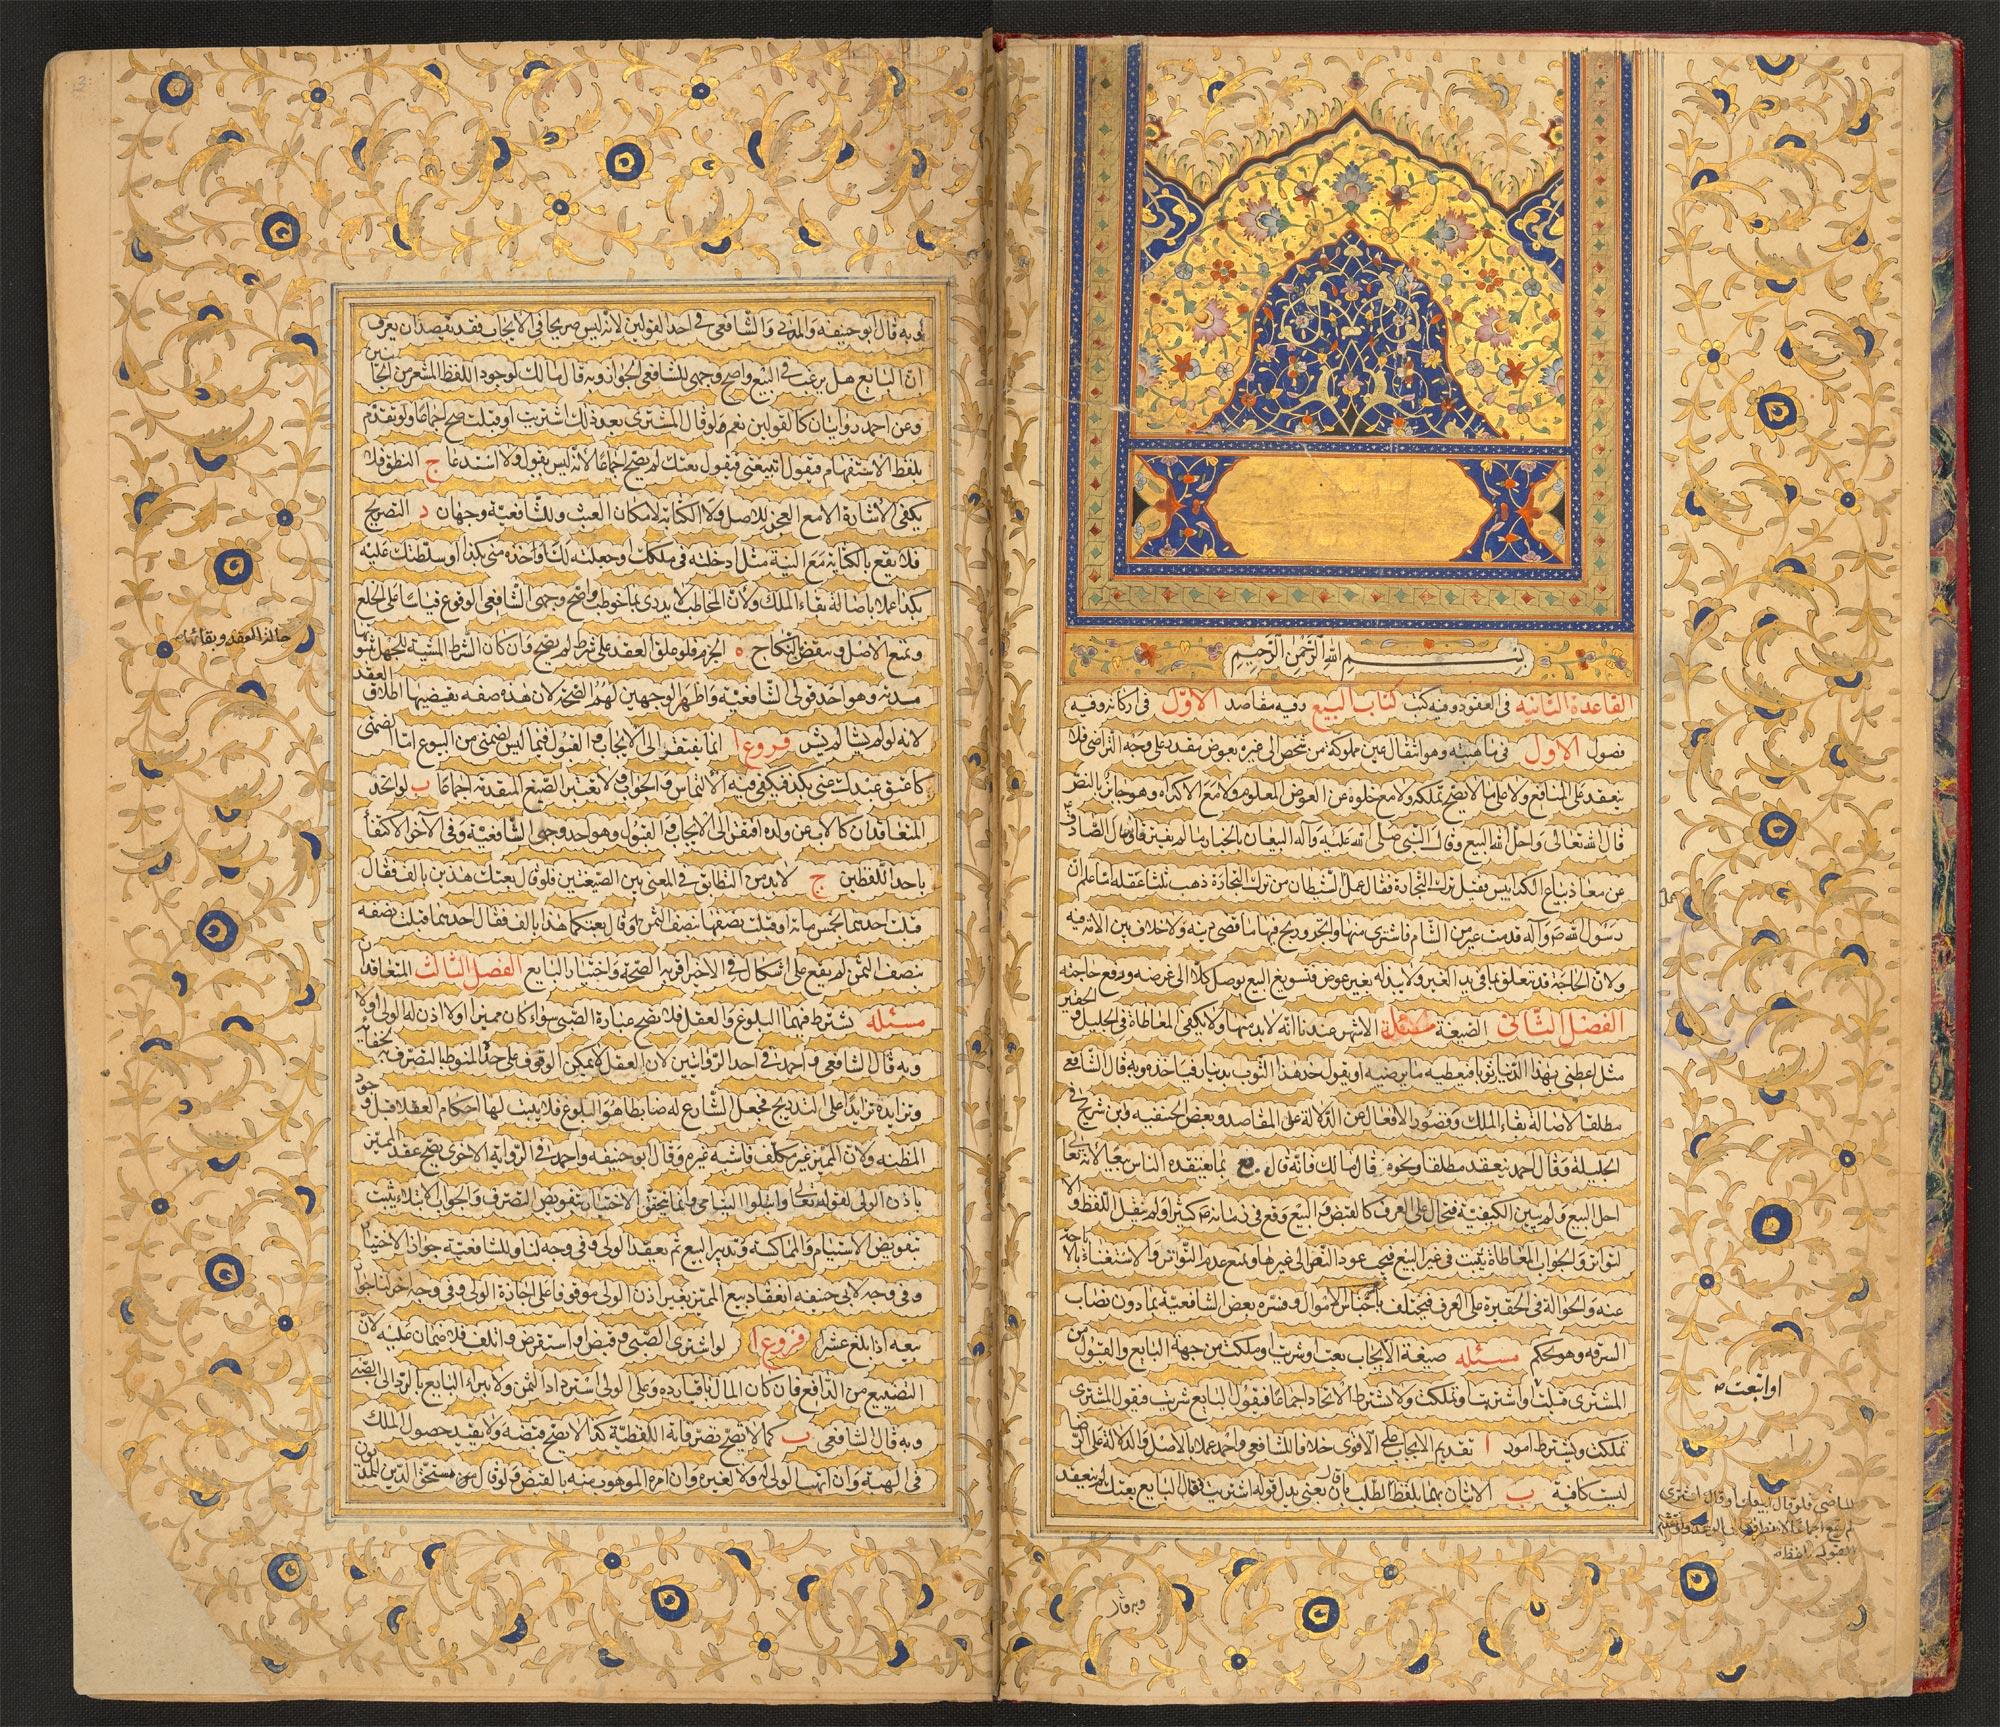 http://upload.wikimedia.org/wikipedia/commons/d/d5/Tazkarat_al-Fuqaha.jpg